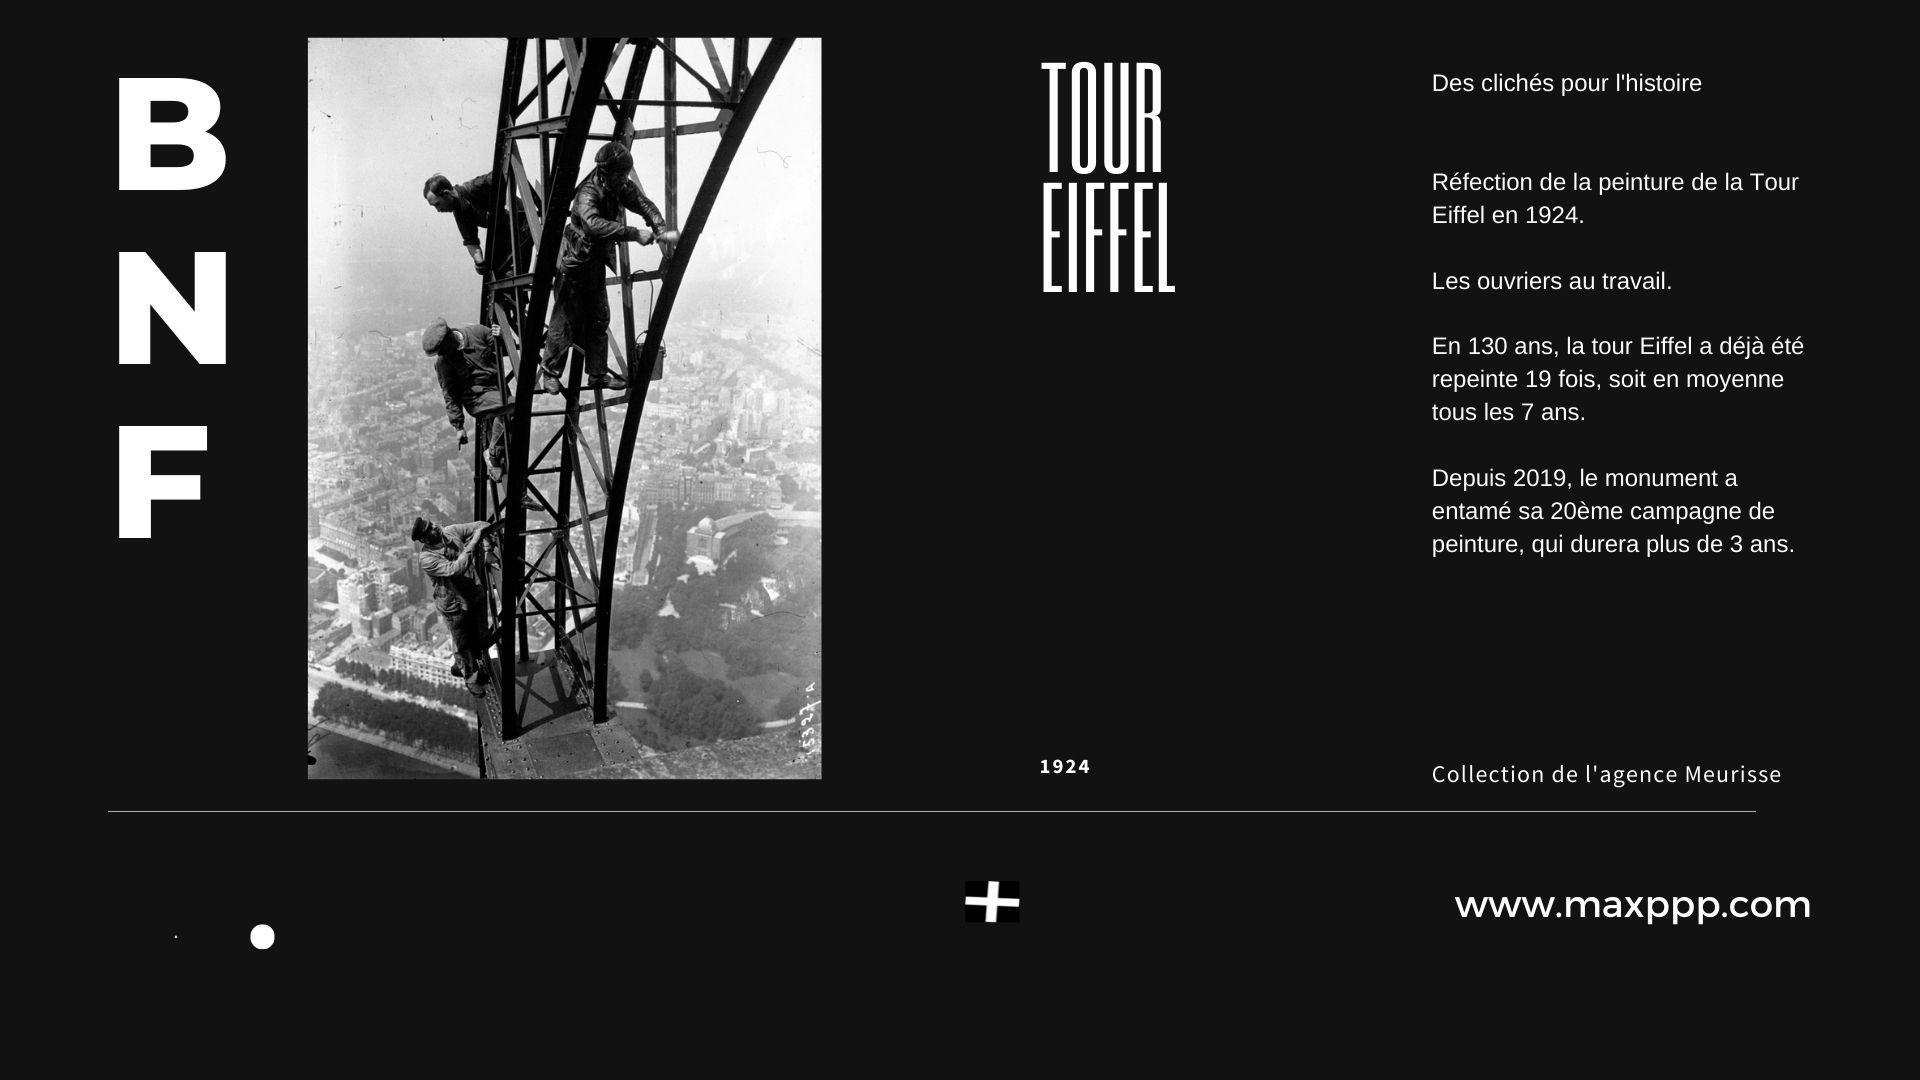 Réfection de la peinture de la Tour Eiffel